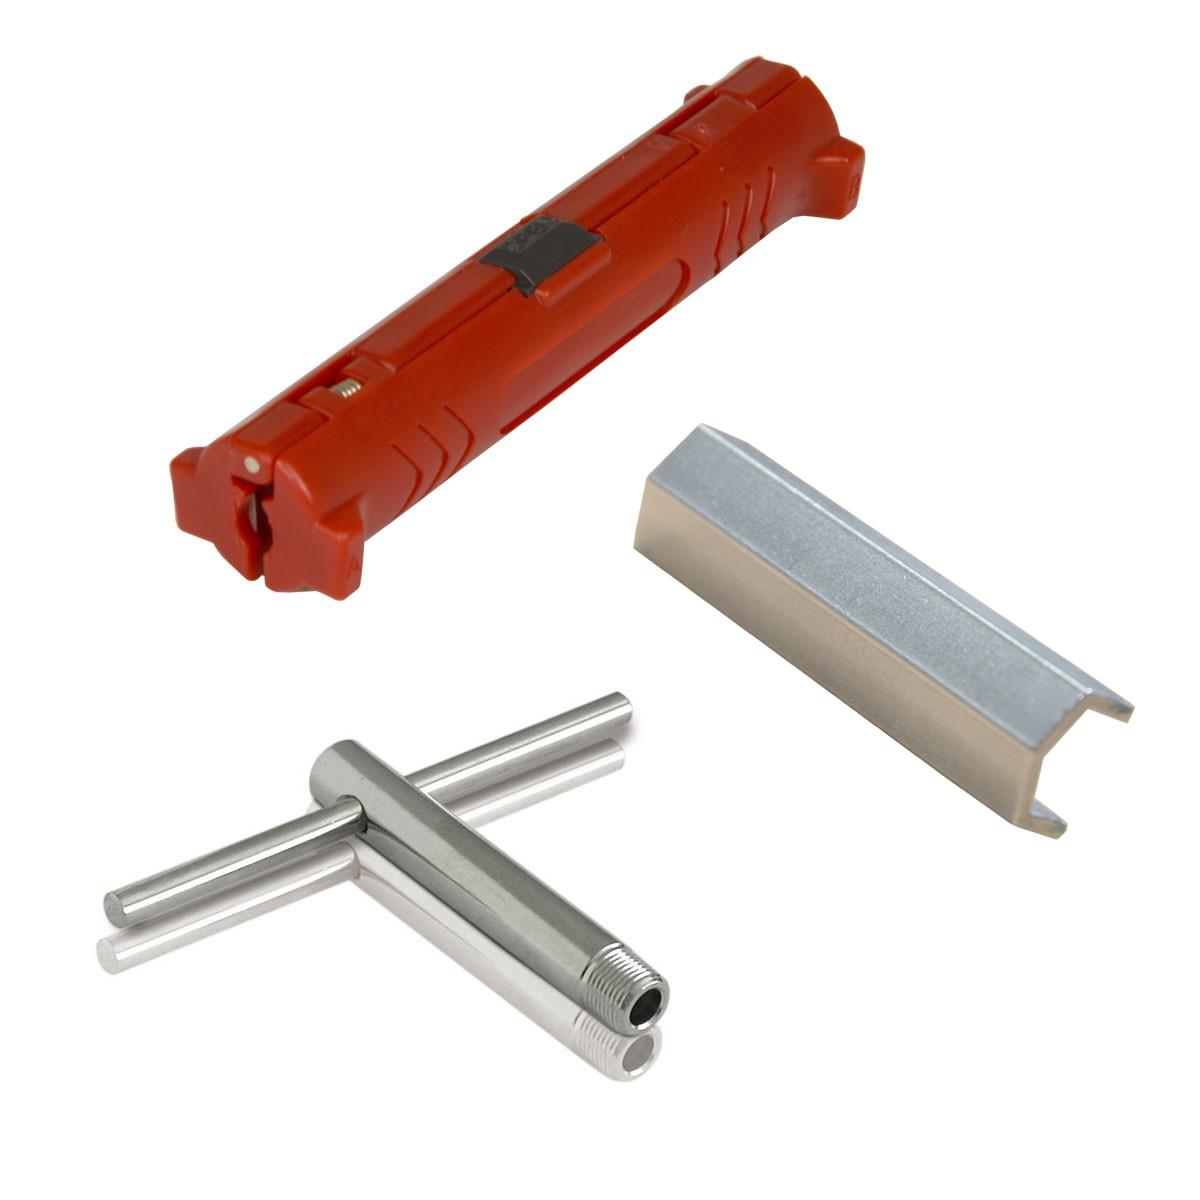 PremiumX SAT-Montage-Set Abisolierer für Koaxialkabel + F-Knebel + Aufdrehhilfe / Montageschlüssel für F-Stecker